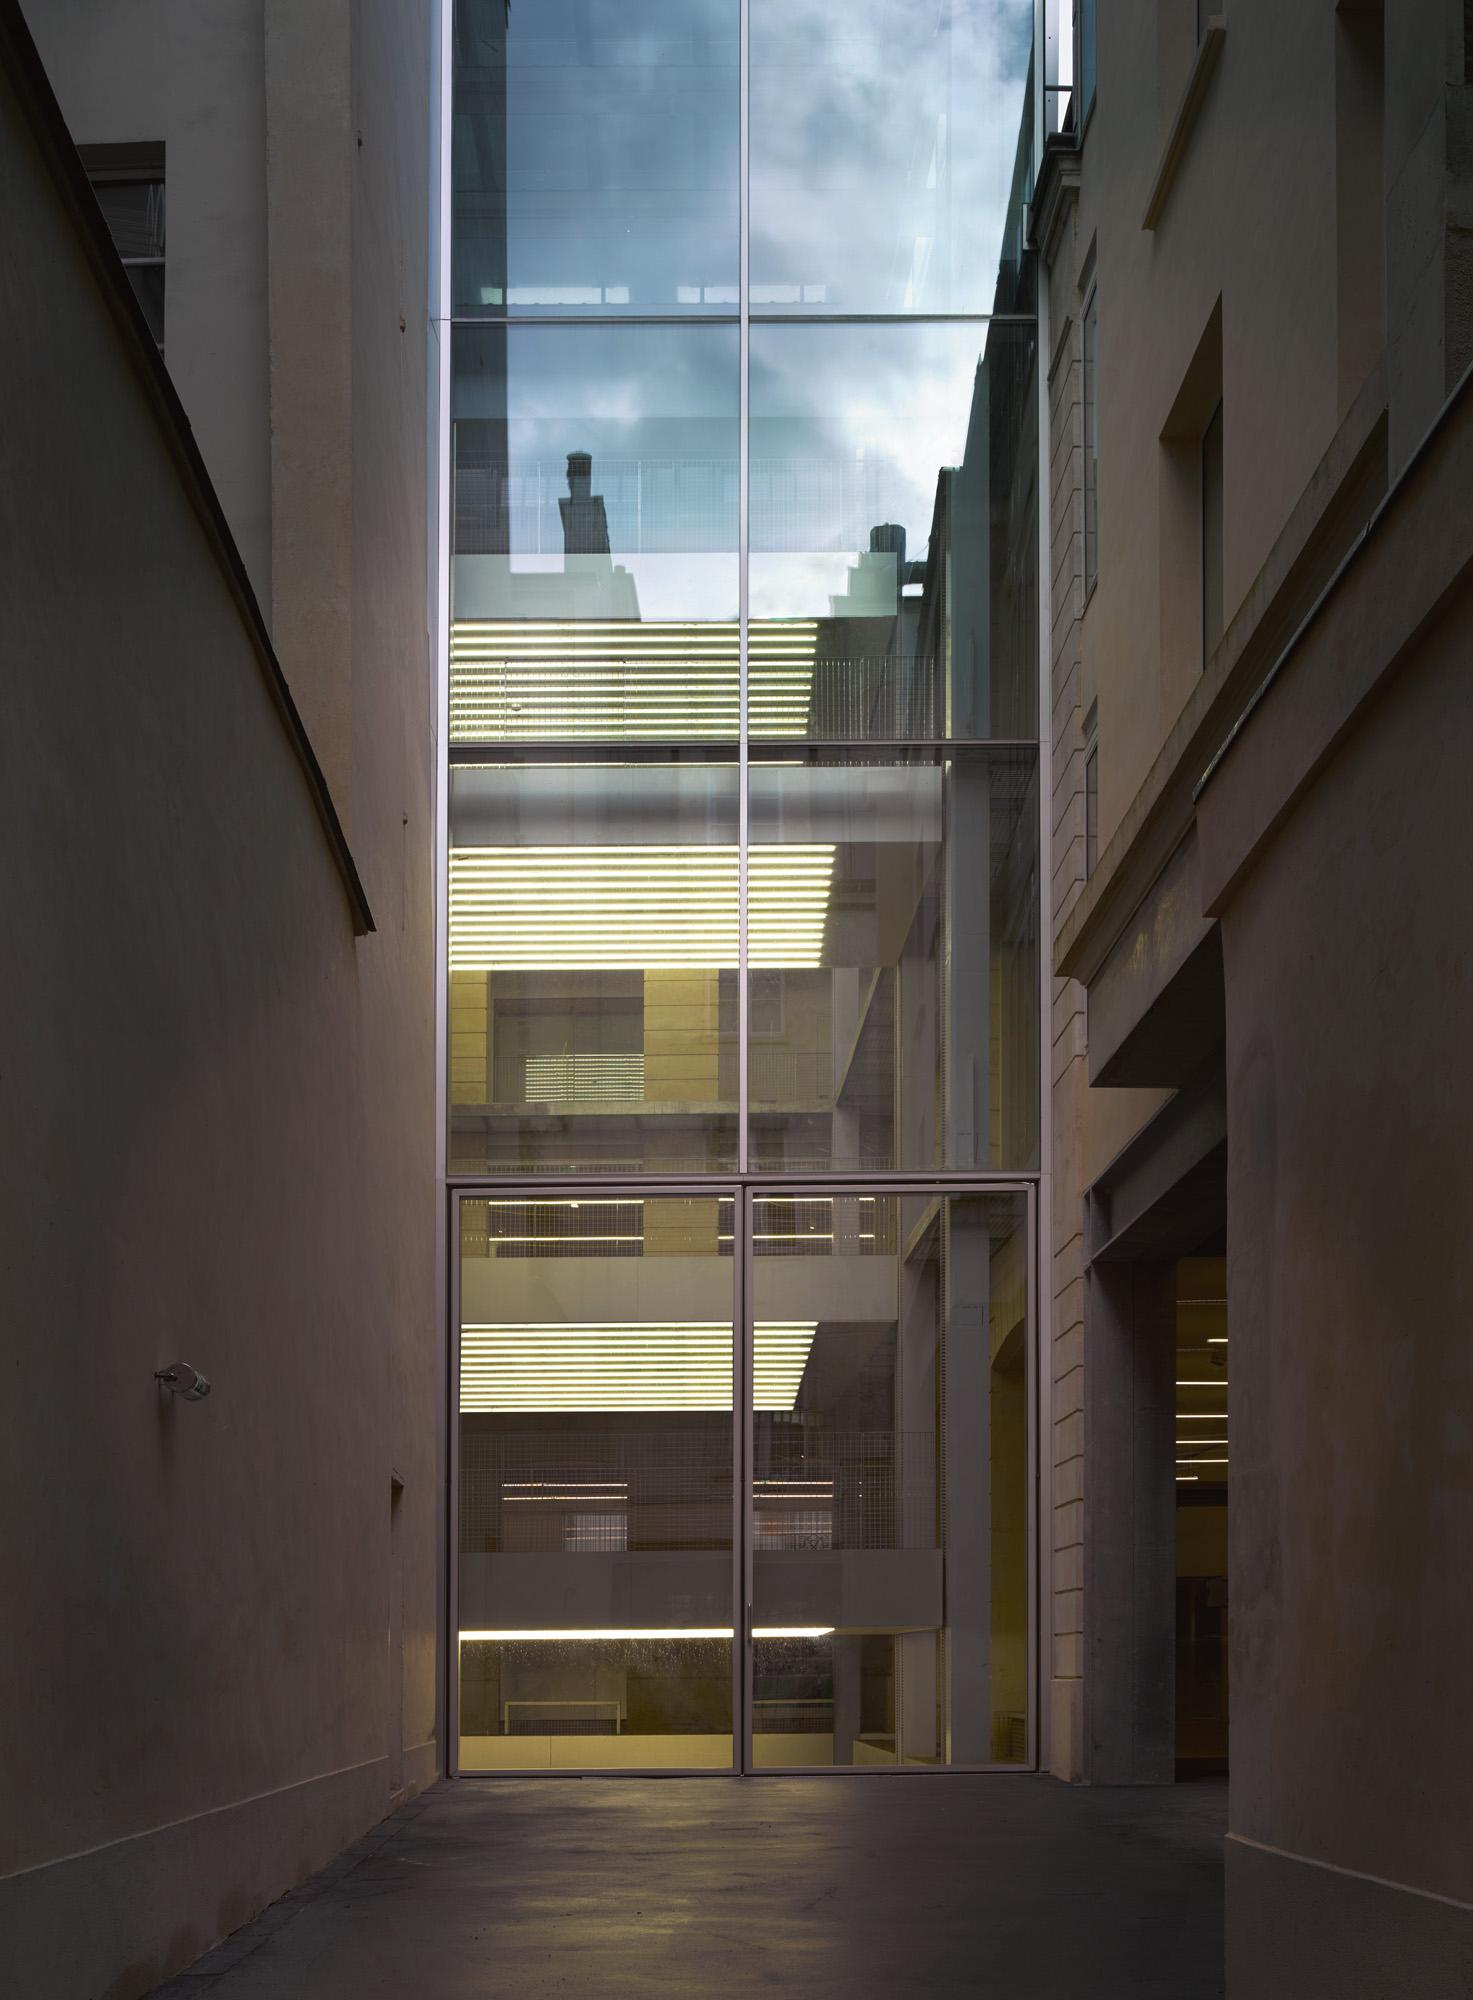 Lafayette Anticipations – Fondation d'entreprise Galeries Lafayette, Paris IVe. Bâtiment conçu par l'agence OMA de Rem Koolhaas.